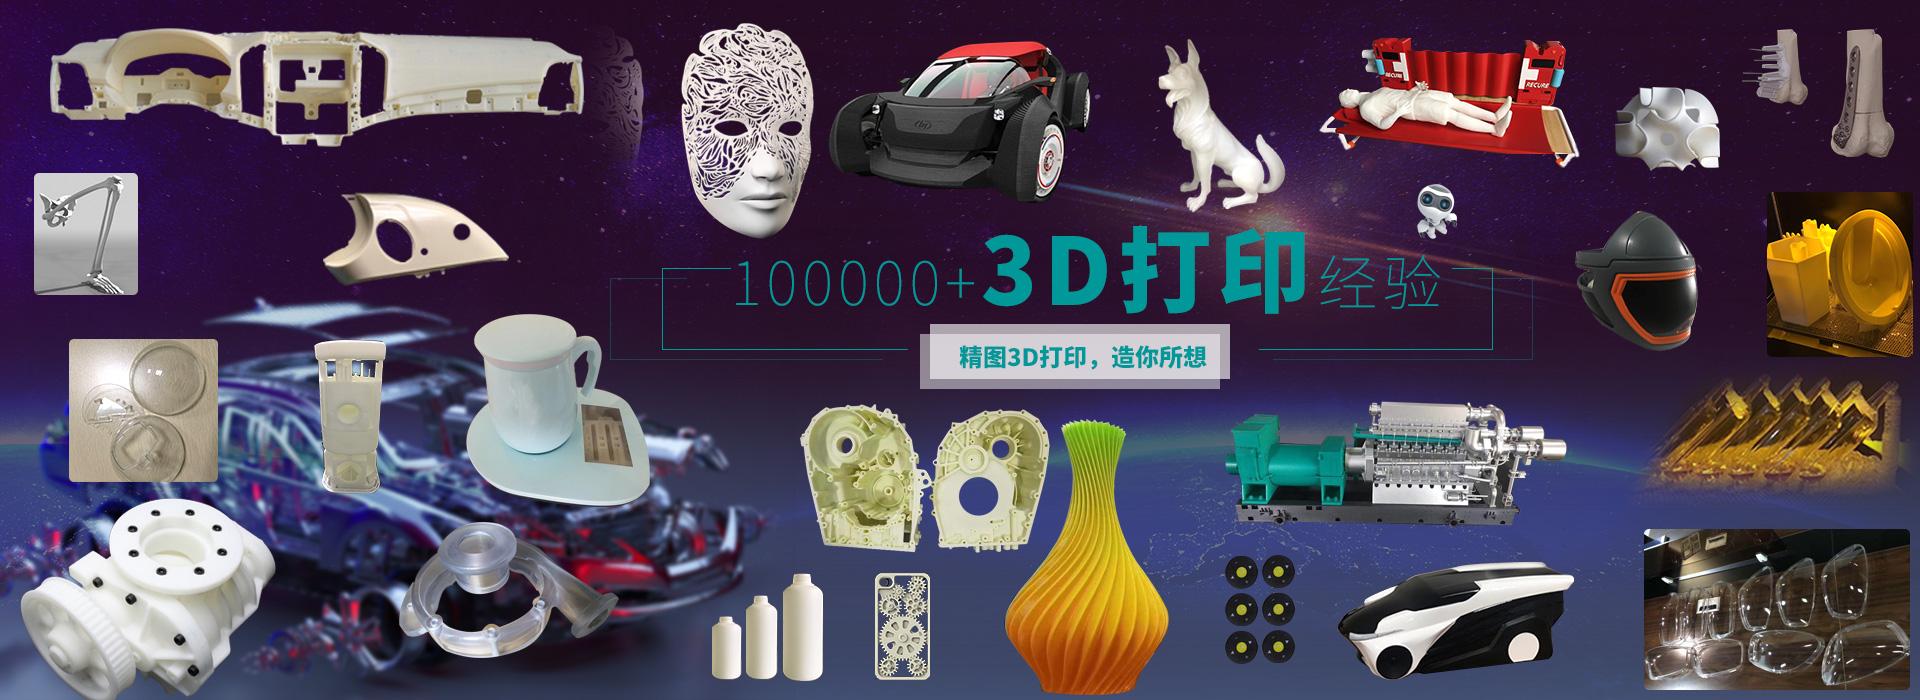 河南3D打印